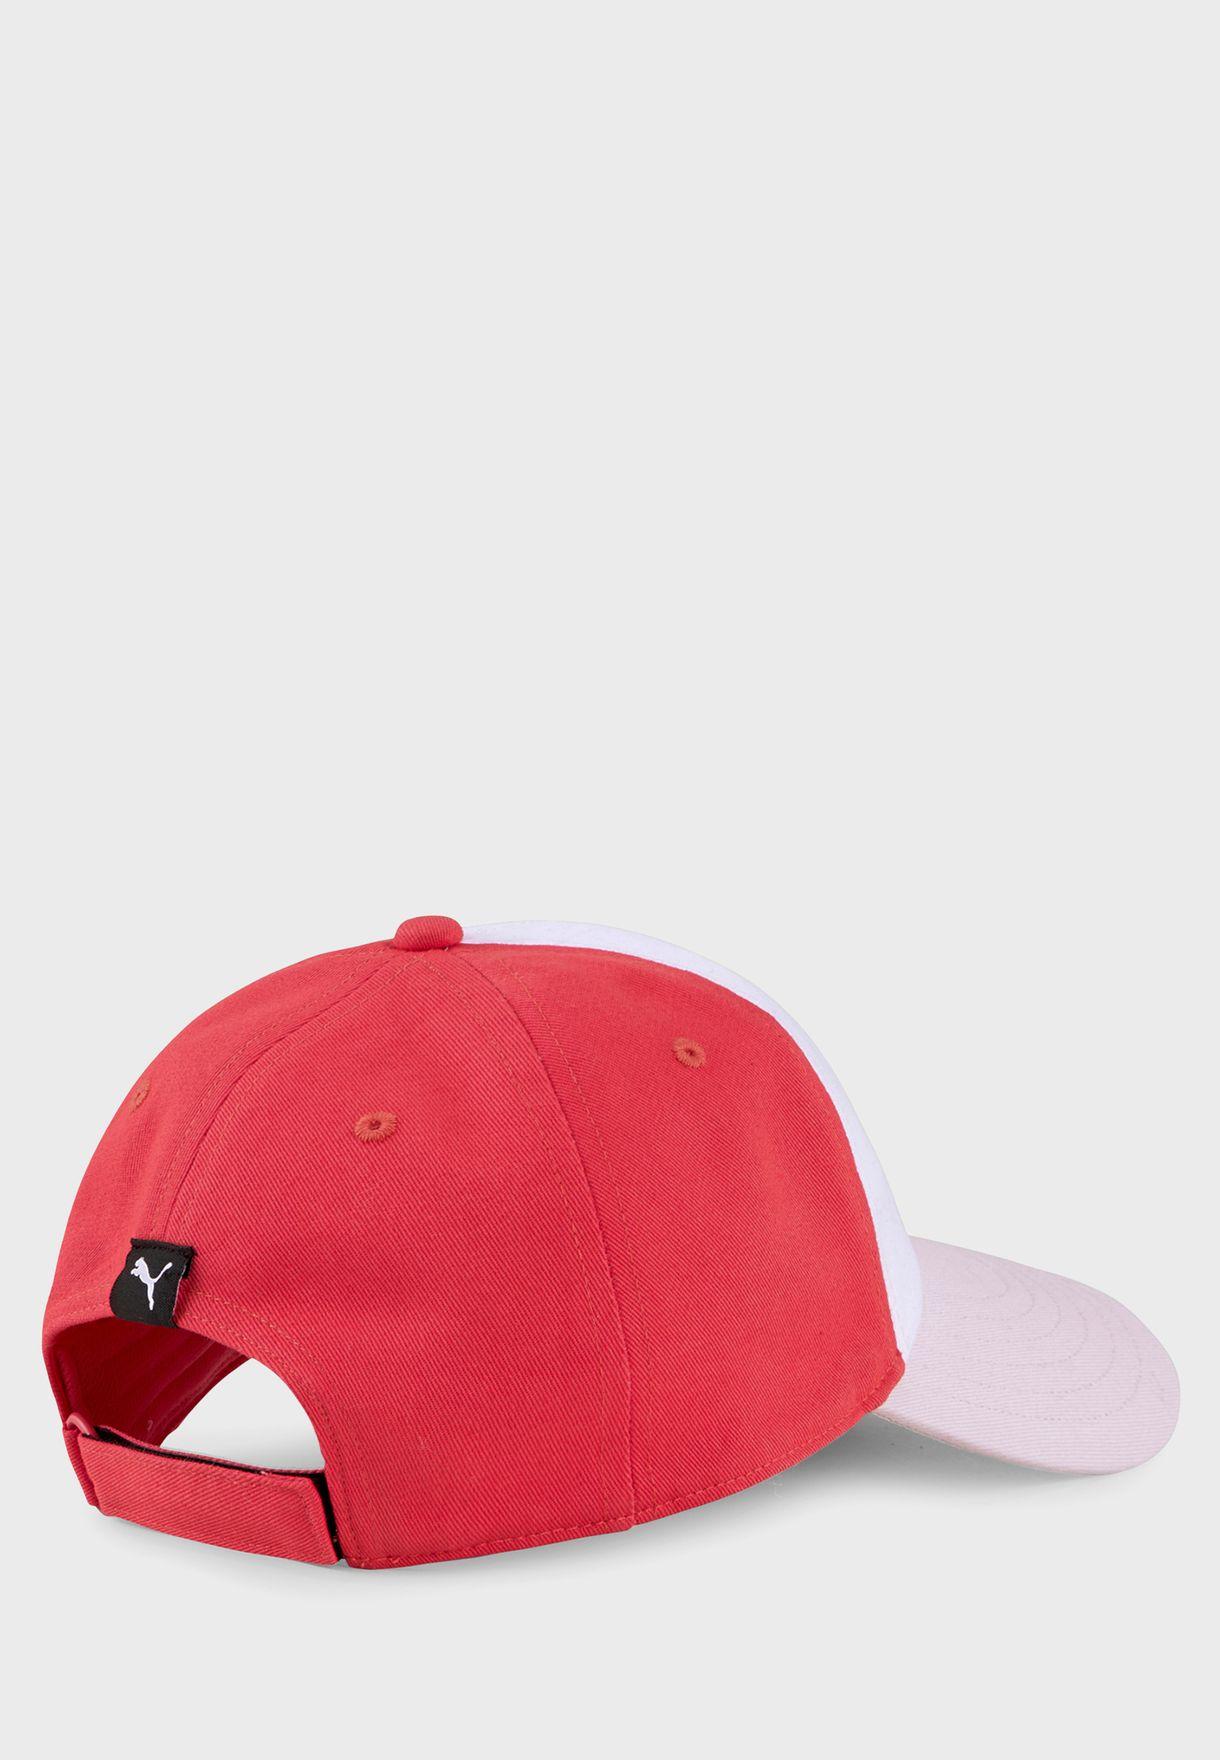 Animal Pinch Panel Baseball Cap